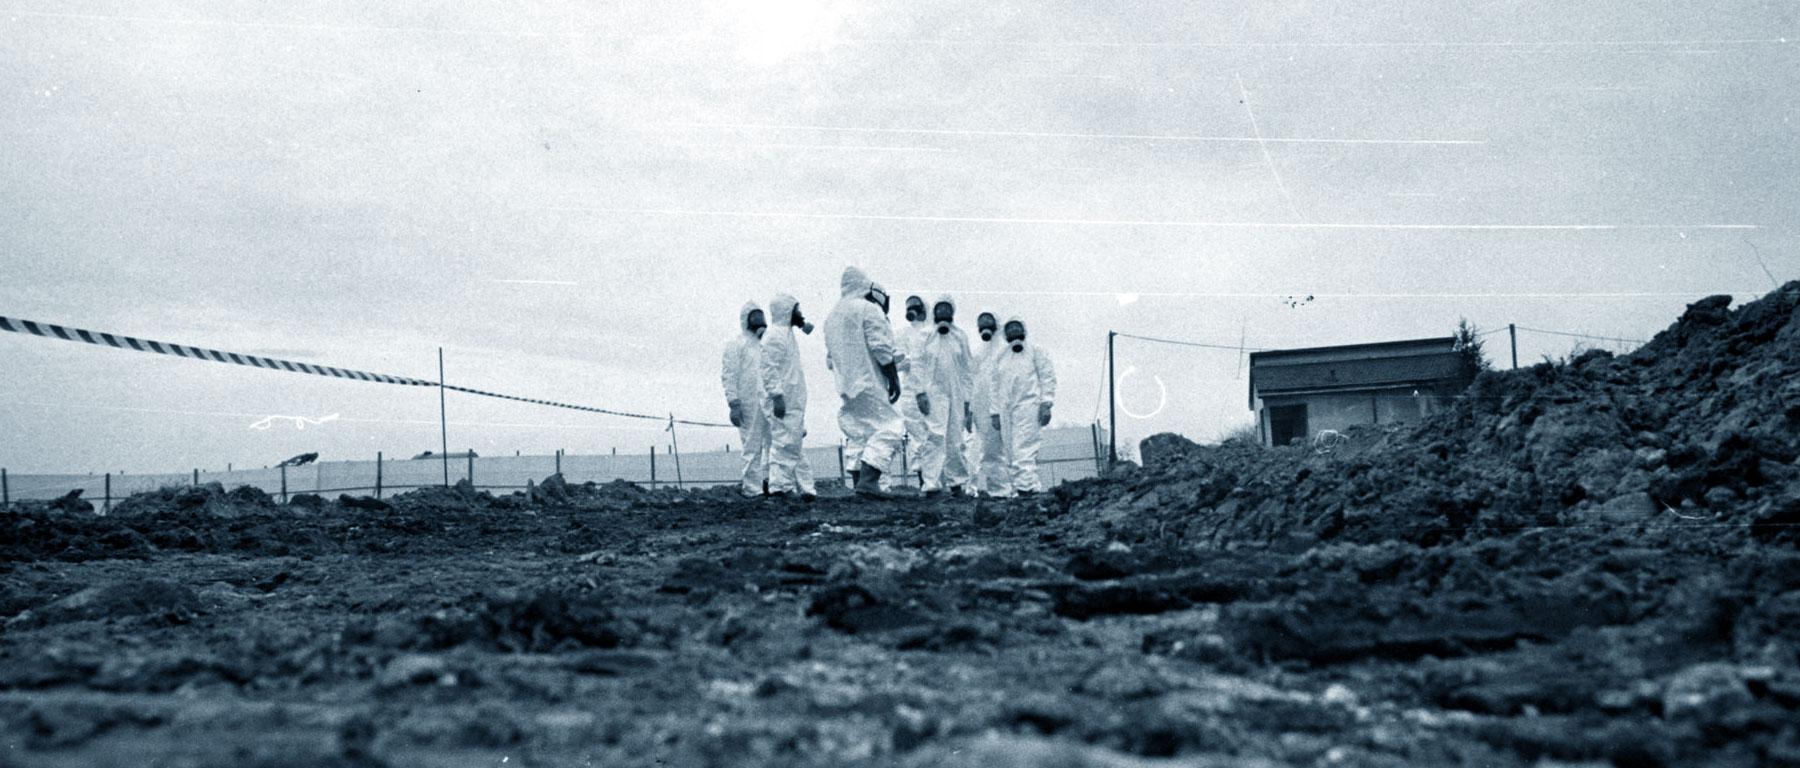 Disastro di Seveso 10 luglio 1976 diossina